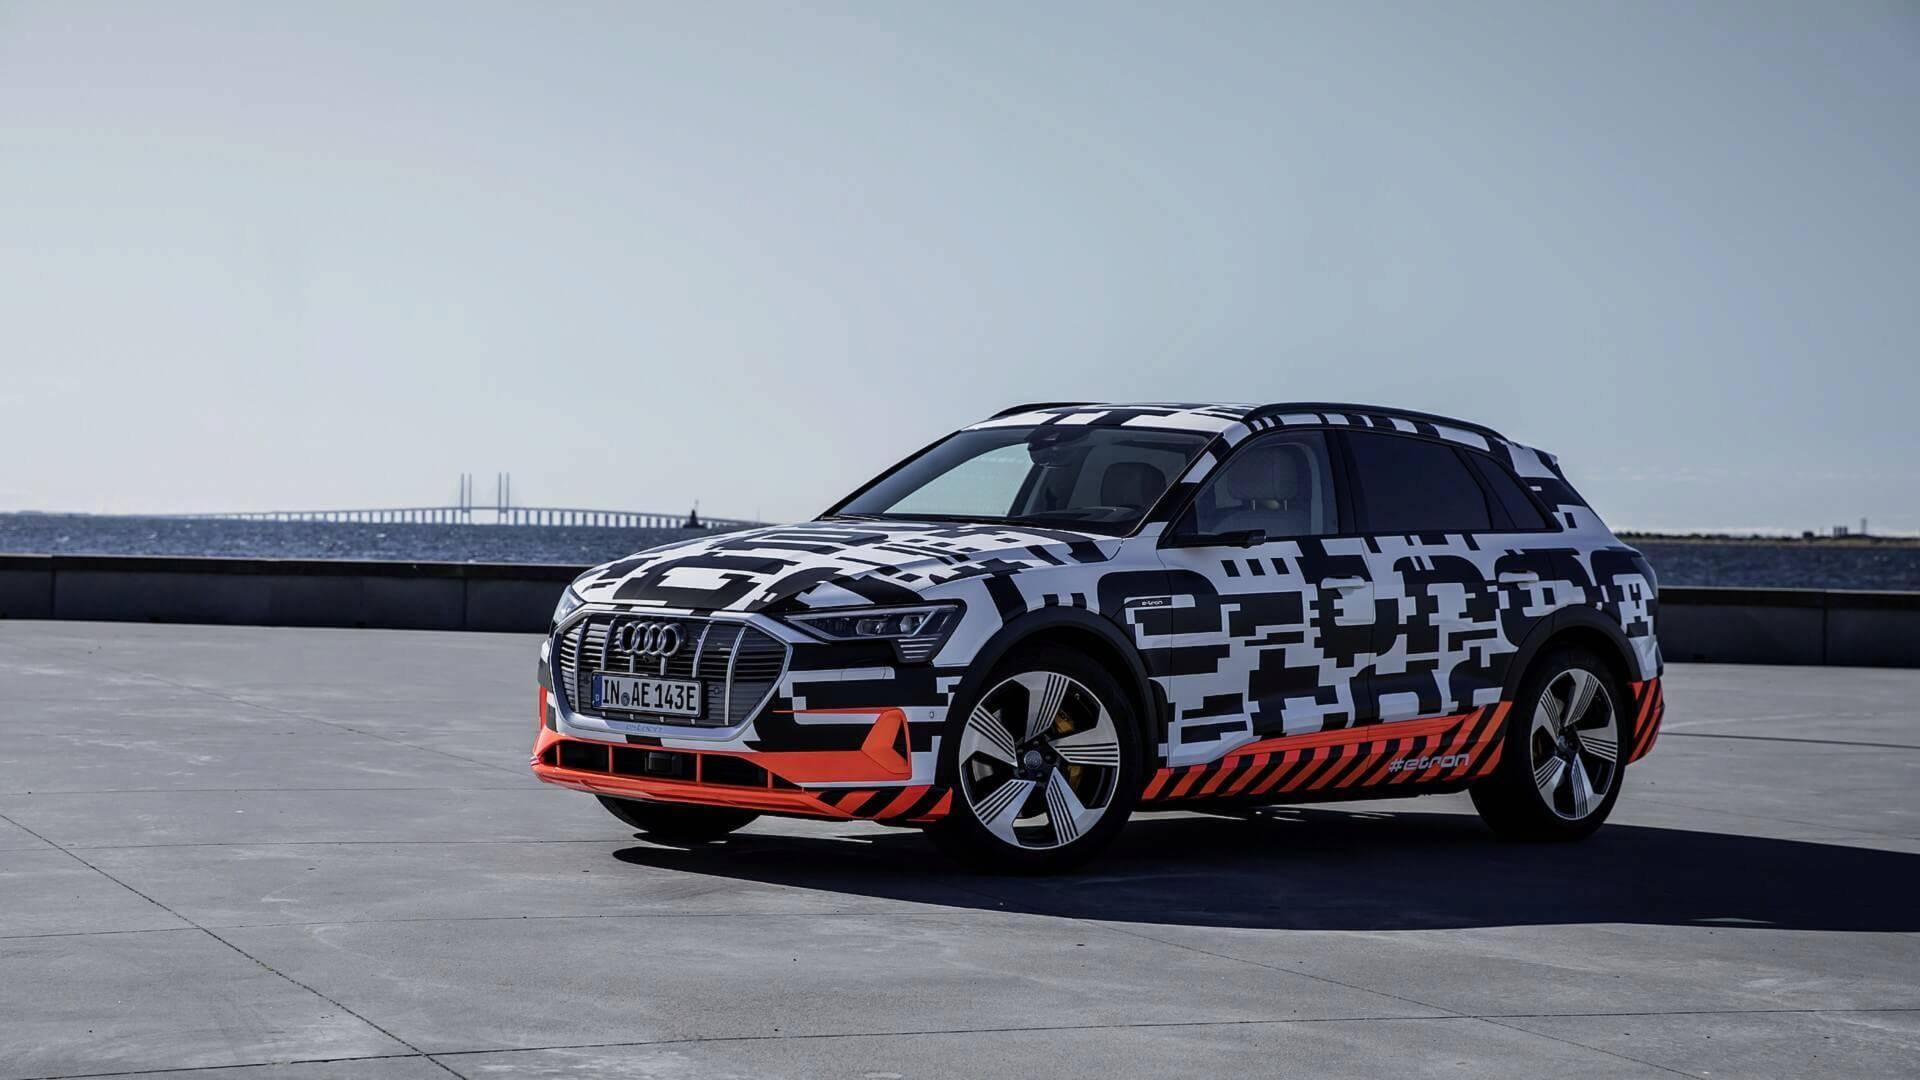 Hivatalos fotókon a bemutatás előtt álló Audi e-tron utastere